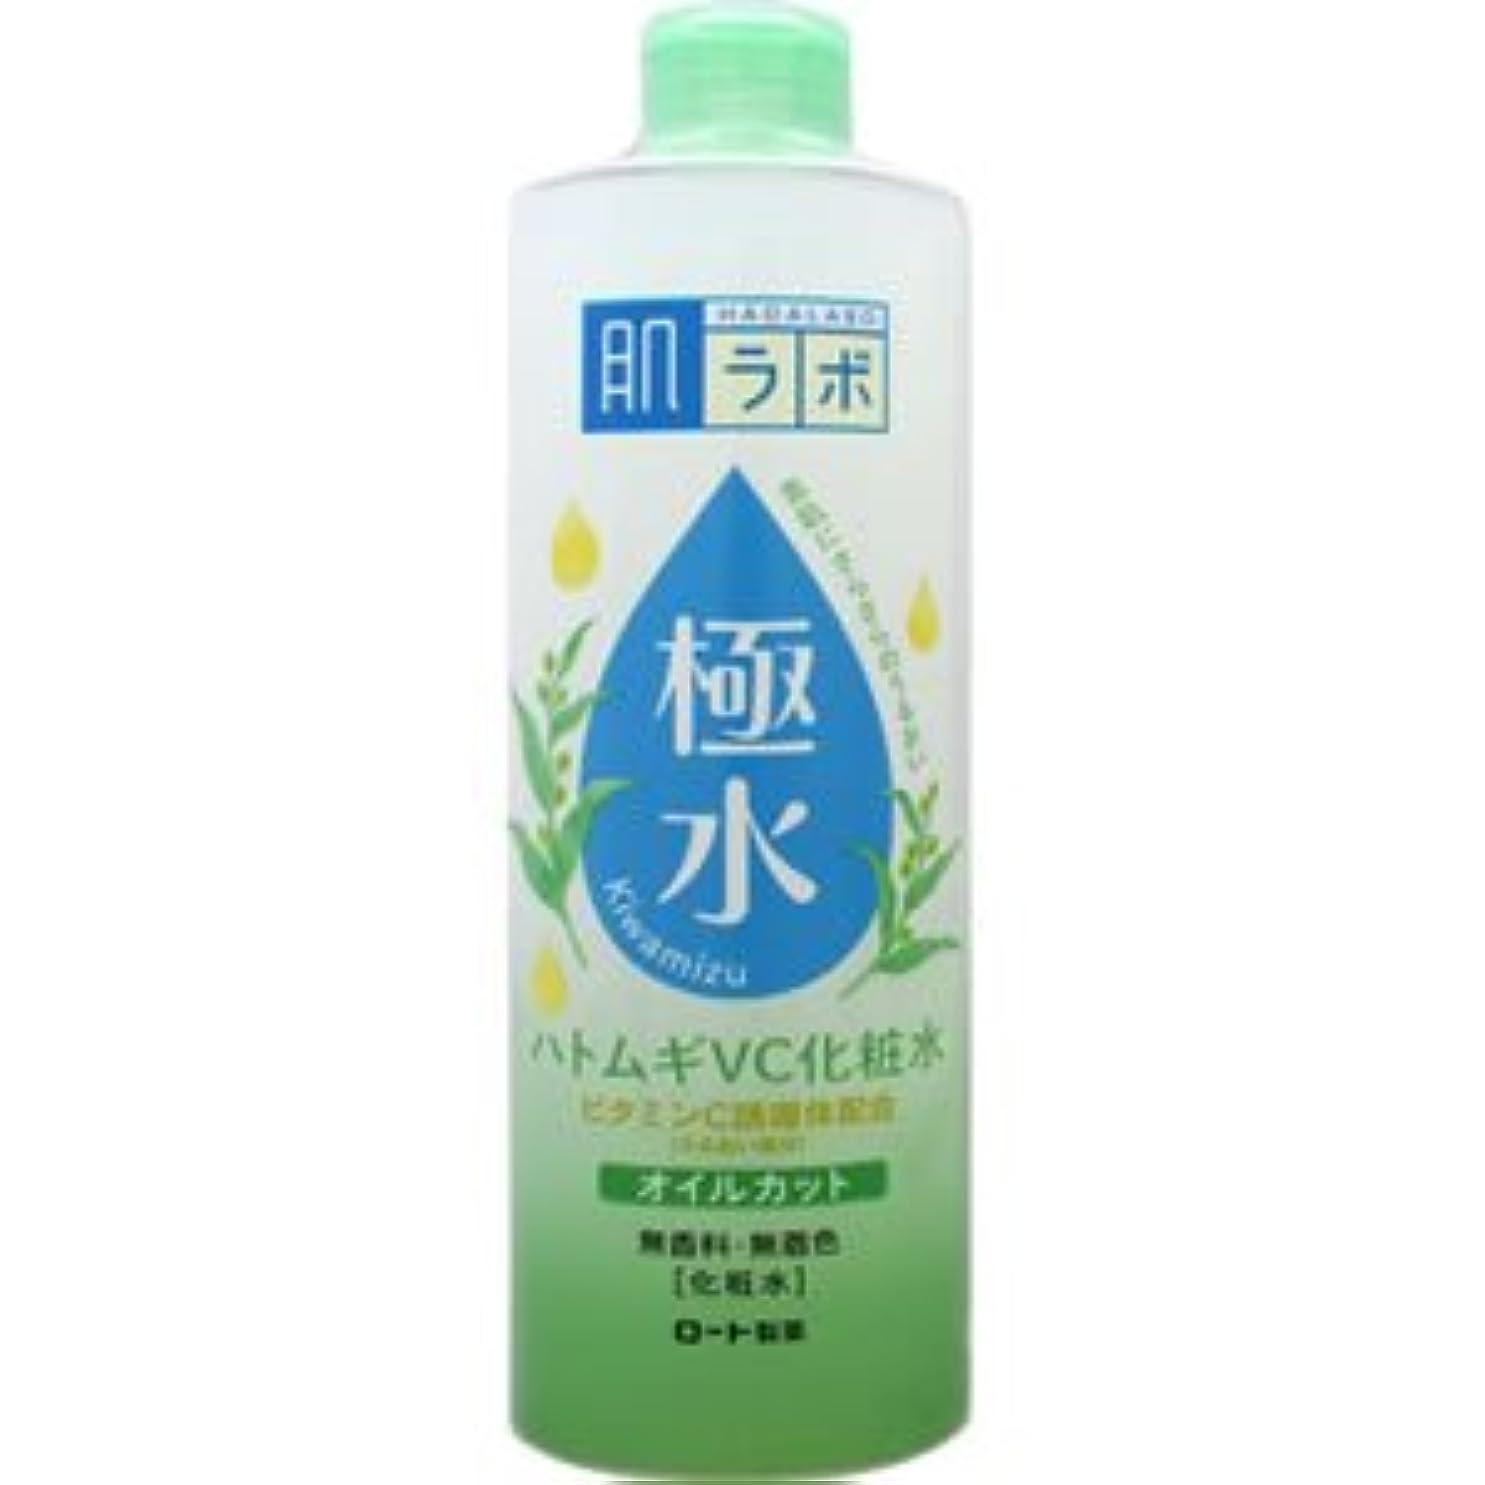 (ロート製薬)肌研 極水ハトムギVC化粧水 400ml